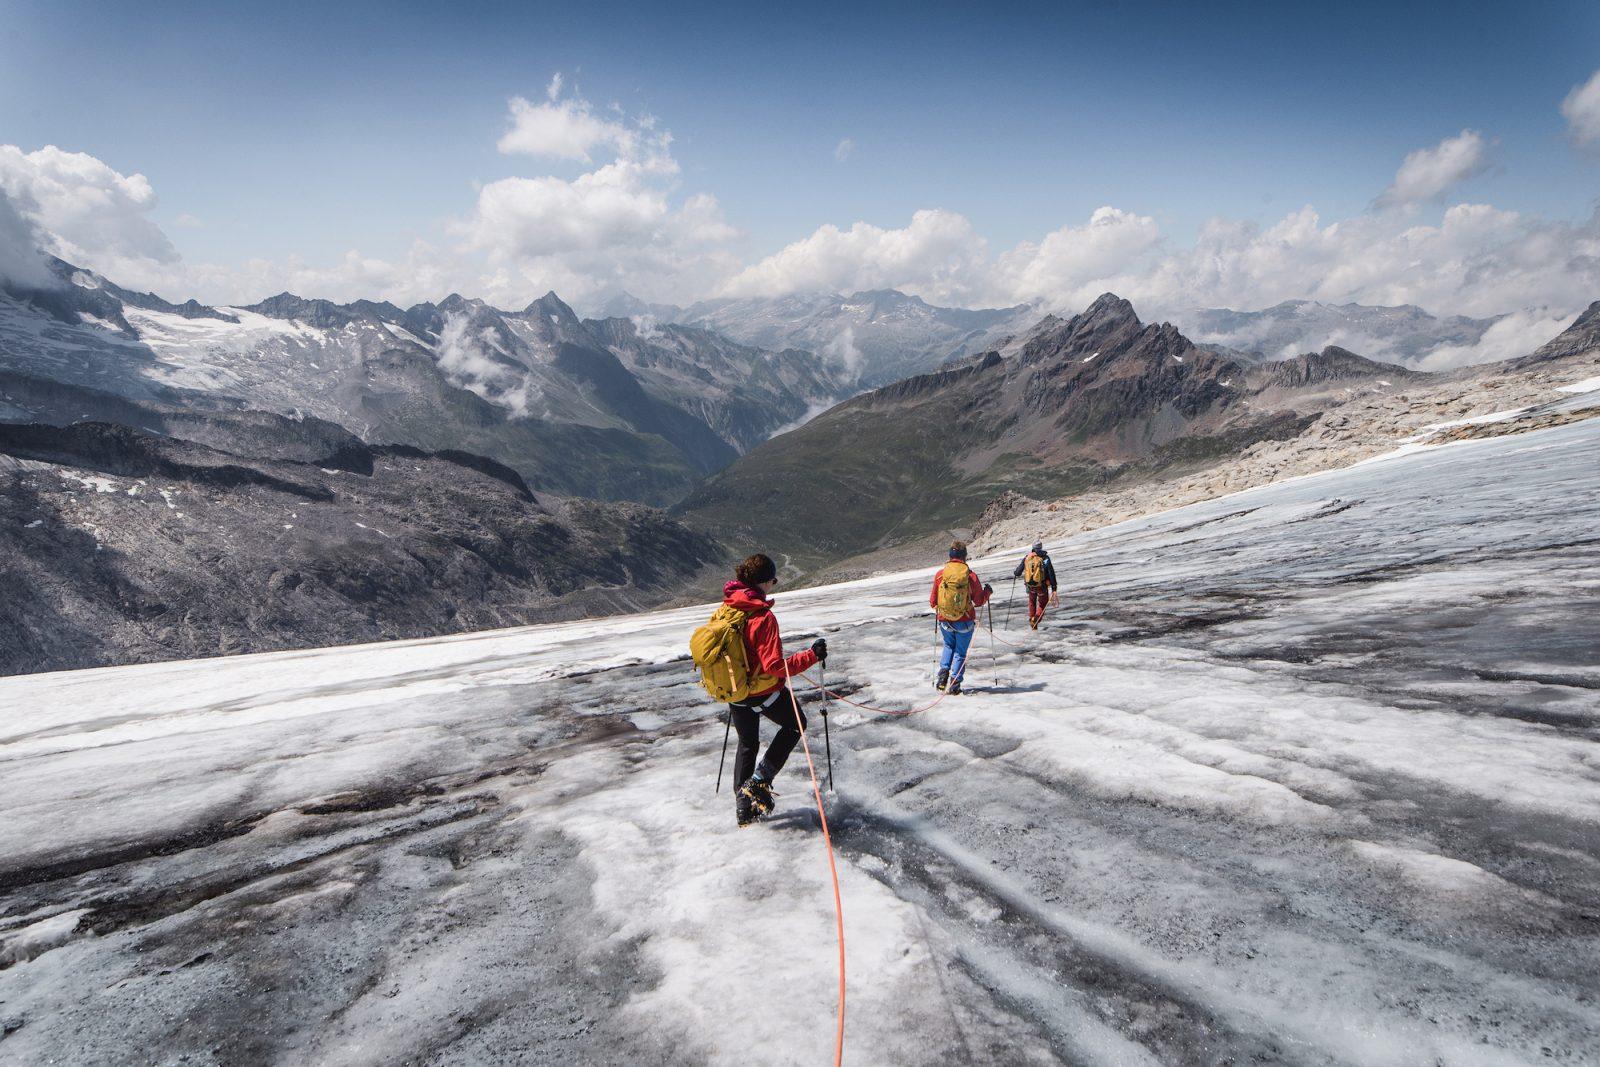 Bergseiten im Hochalpinen Gelände